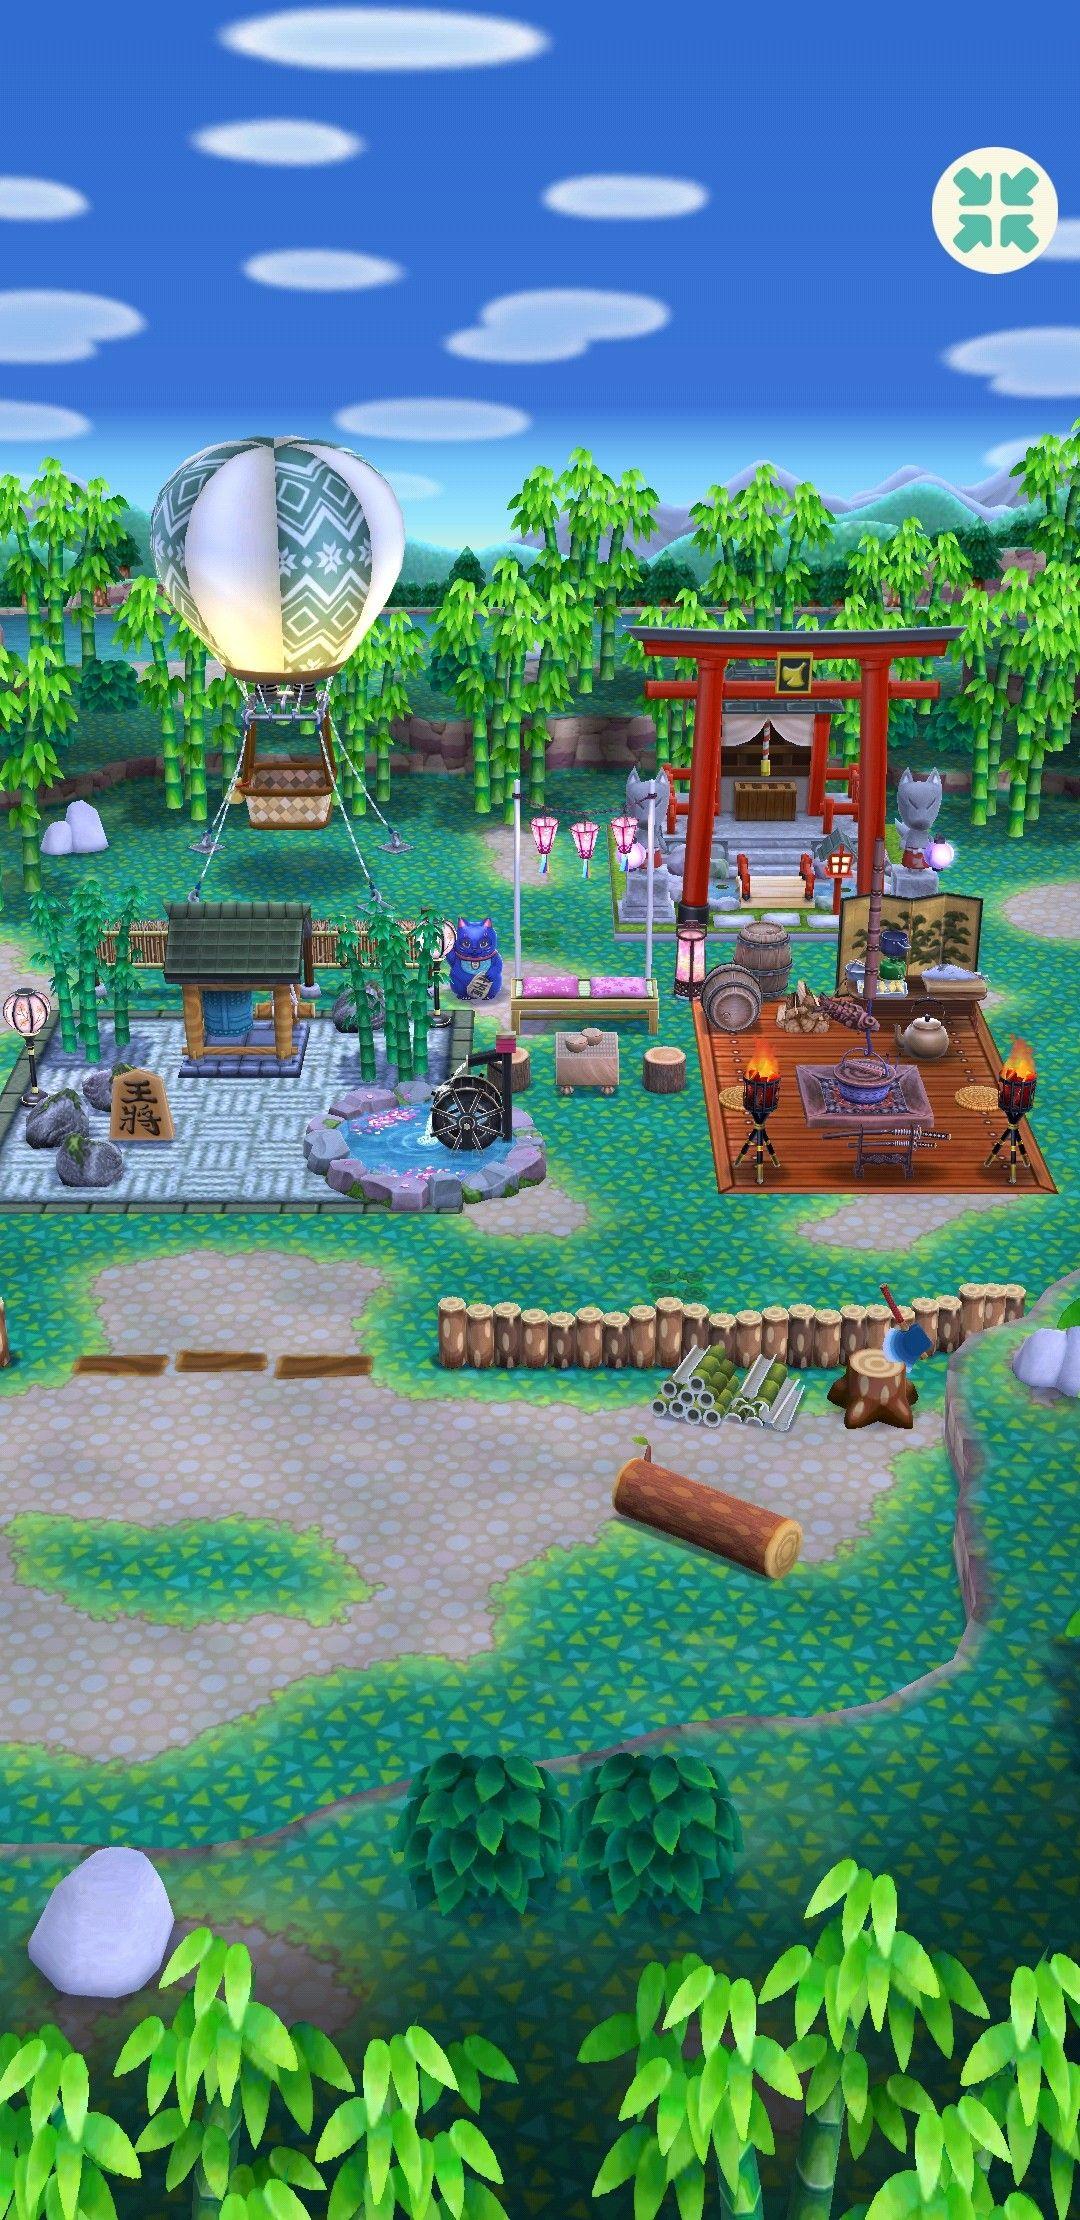 Japanese Garden And Garden House Animal Crossing Pocket Camp Campsite Animal Crossing Pocket Camp Animal Crossing Garden Animals Backyard lawn diy acnh